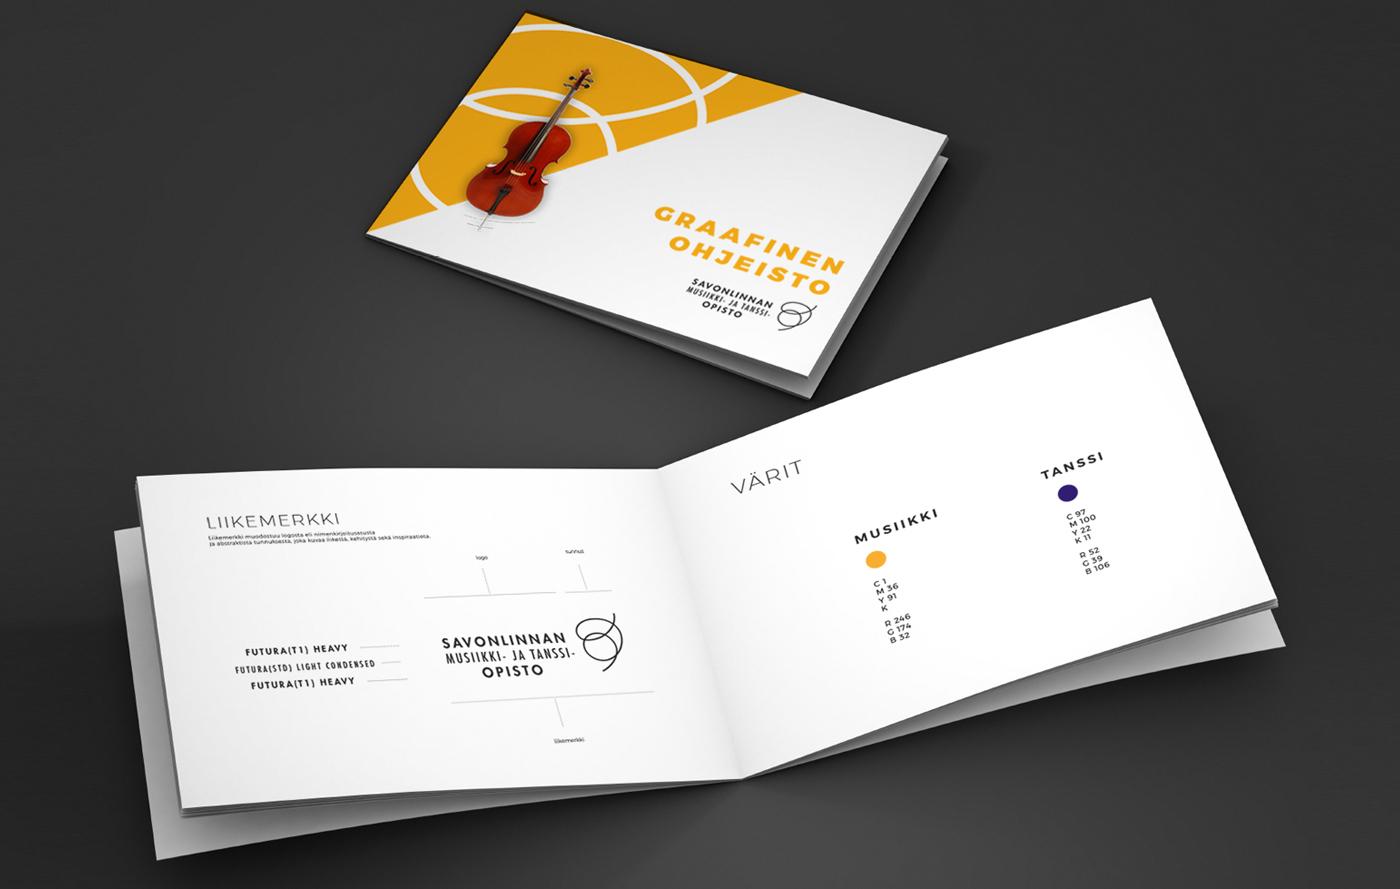 Työnäyte: Savonlinnan musiikki- ja tanssiopisto - Graafinen ohjeisto, visuaalinen ja graafinen suunnittelu